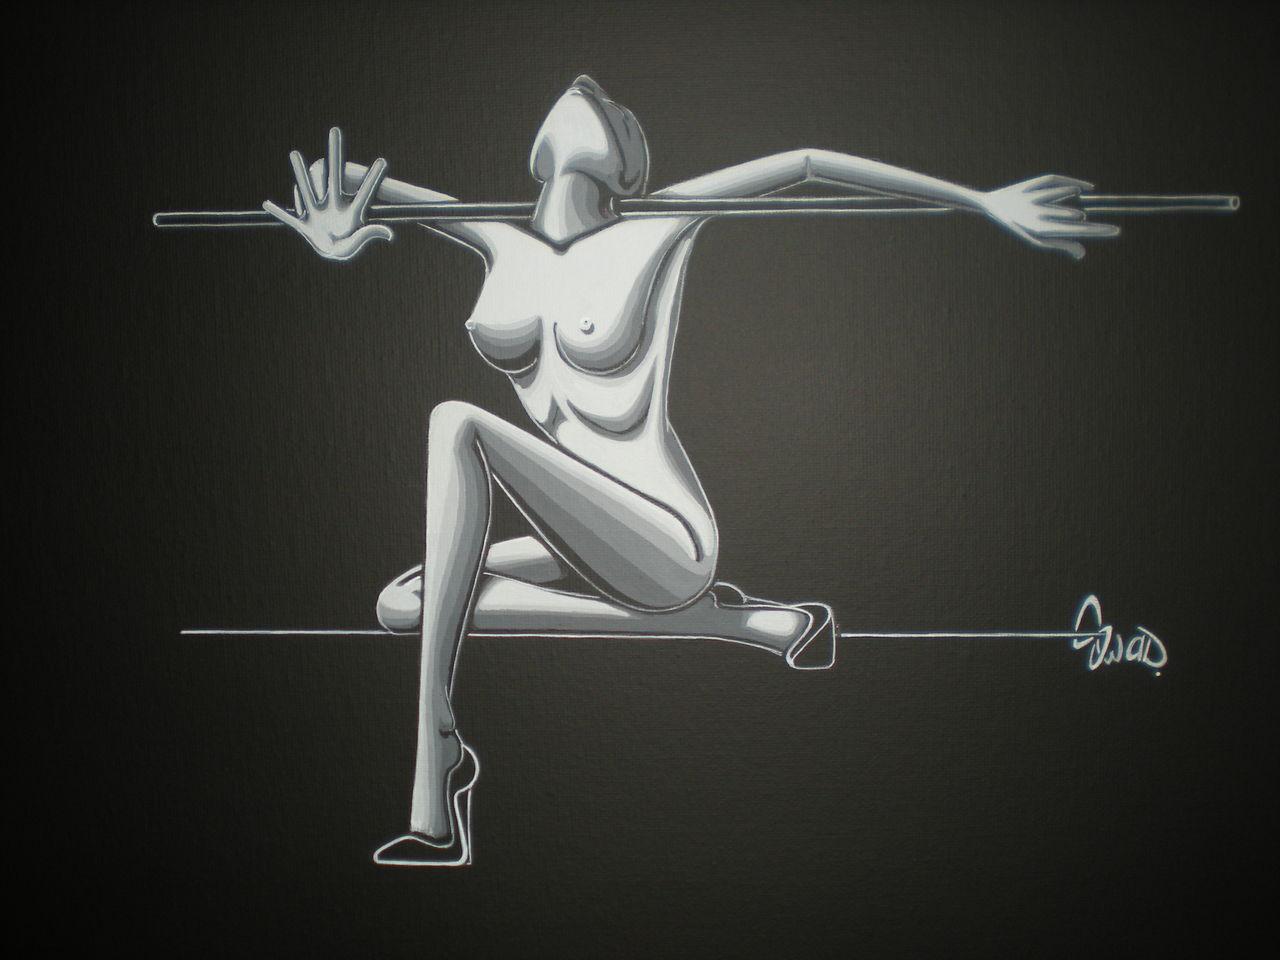 souad halima-rihoum dit SWAD en tant qu'artiste LA PAUSE !!!!